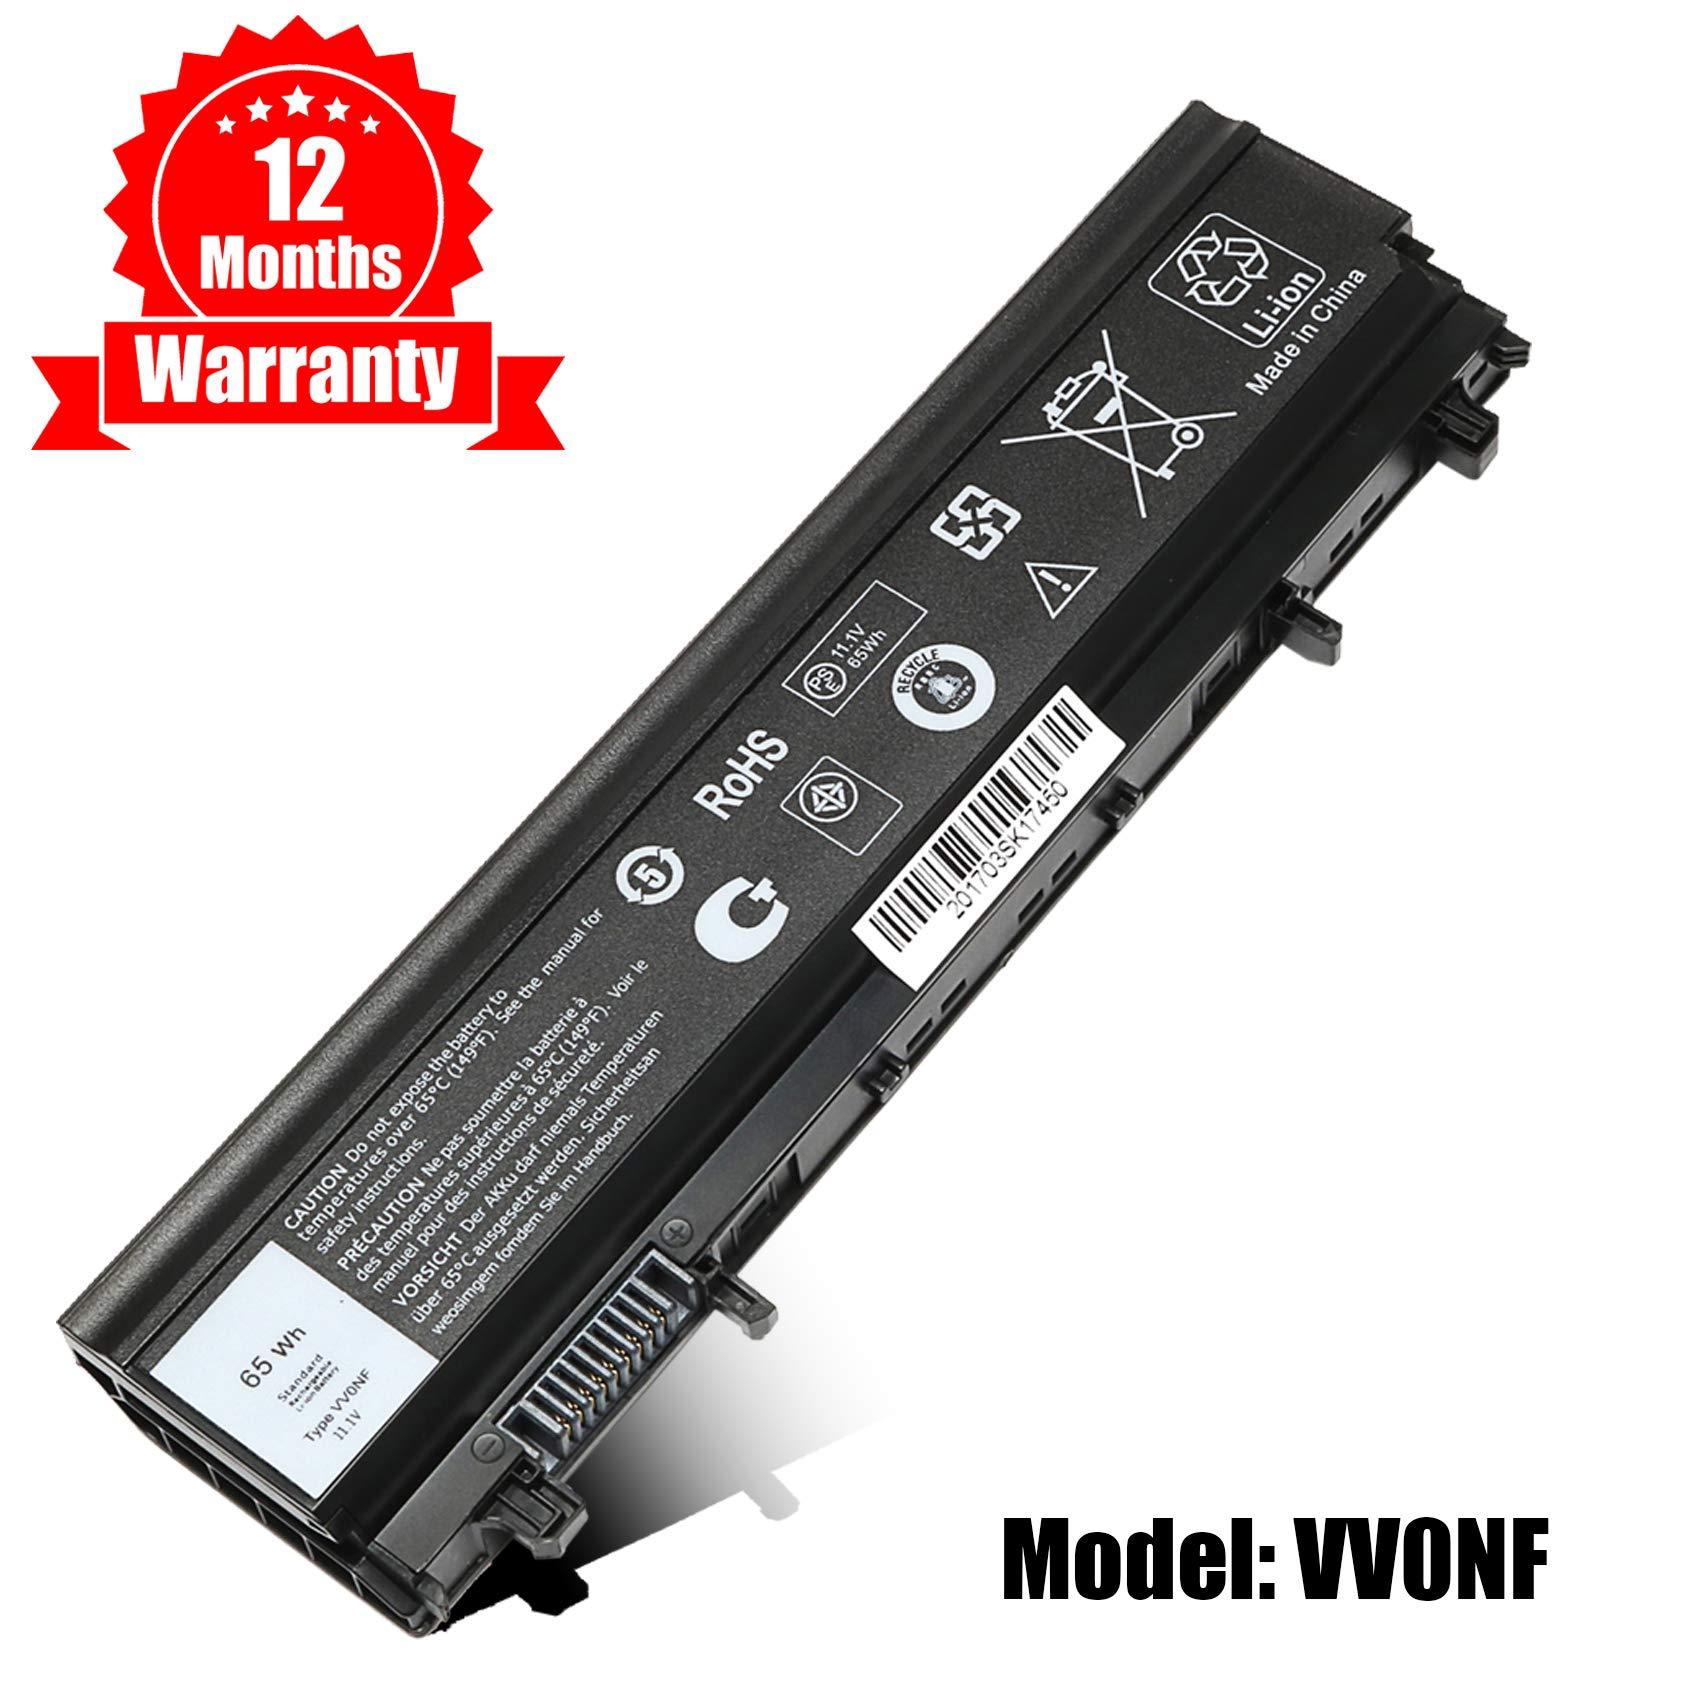 Bateria E5440 para Dell Latitude E5440 E5540 VV0NF N5YH9 0M7T5F NVWGM 9TJ2J 312-1351 451-BBIE-11.1V 65Wh